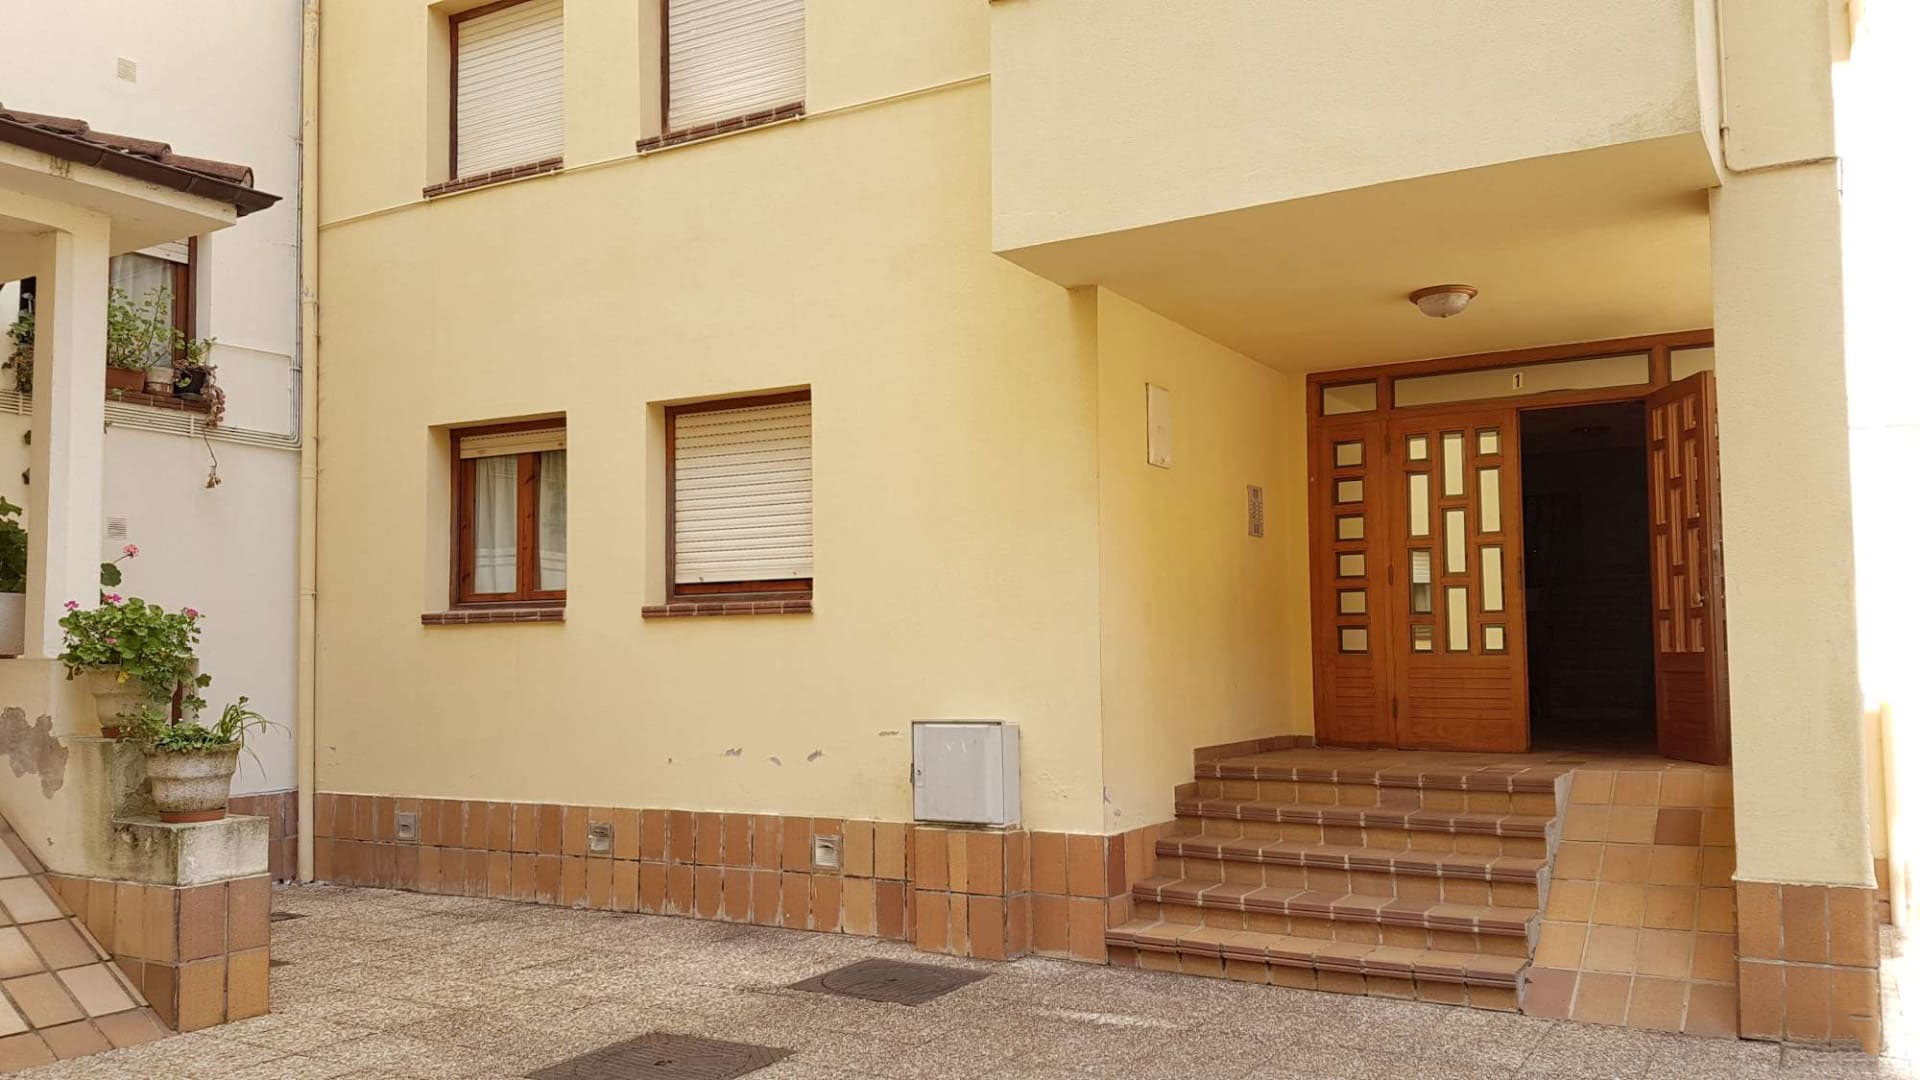 Piso en venta en Ribadedeva, Asturias, Calle Esmeralda, 54.437 €, 1 habitación, 1 baño, 43 m2